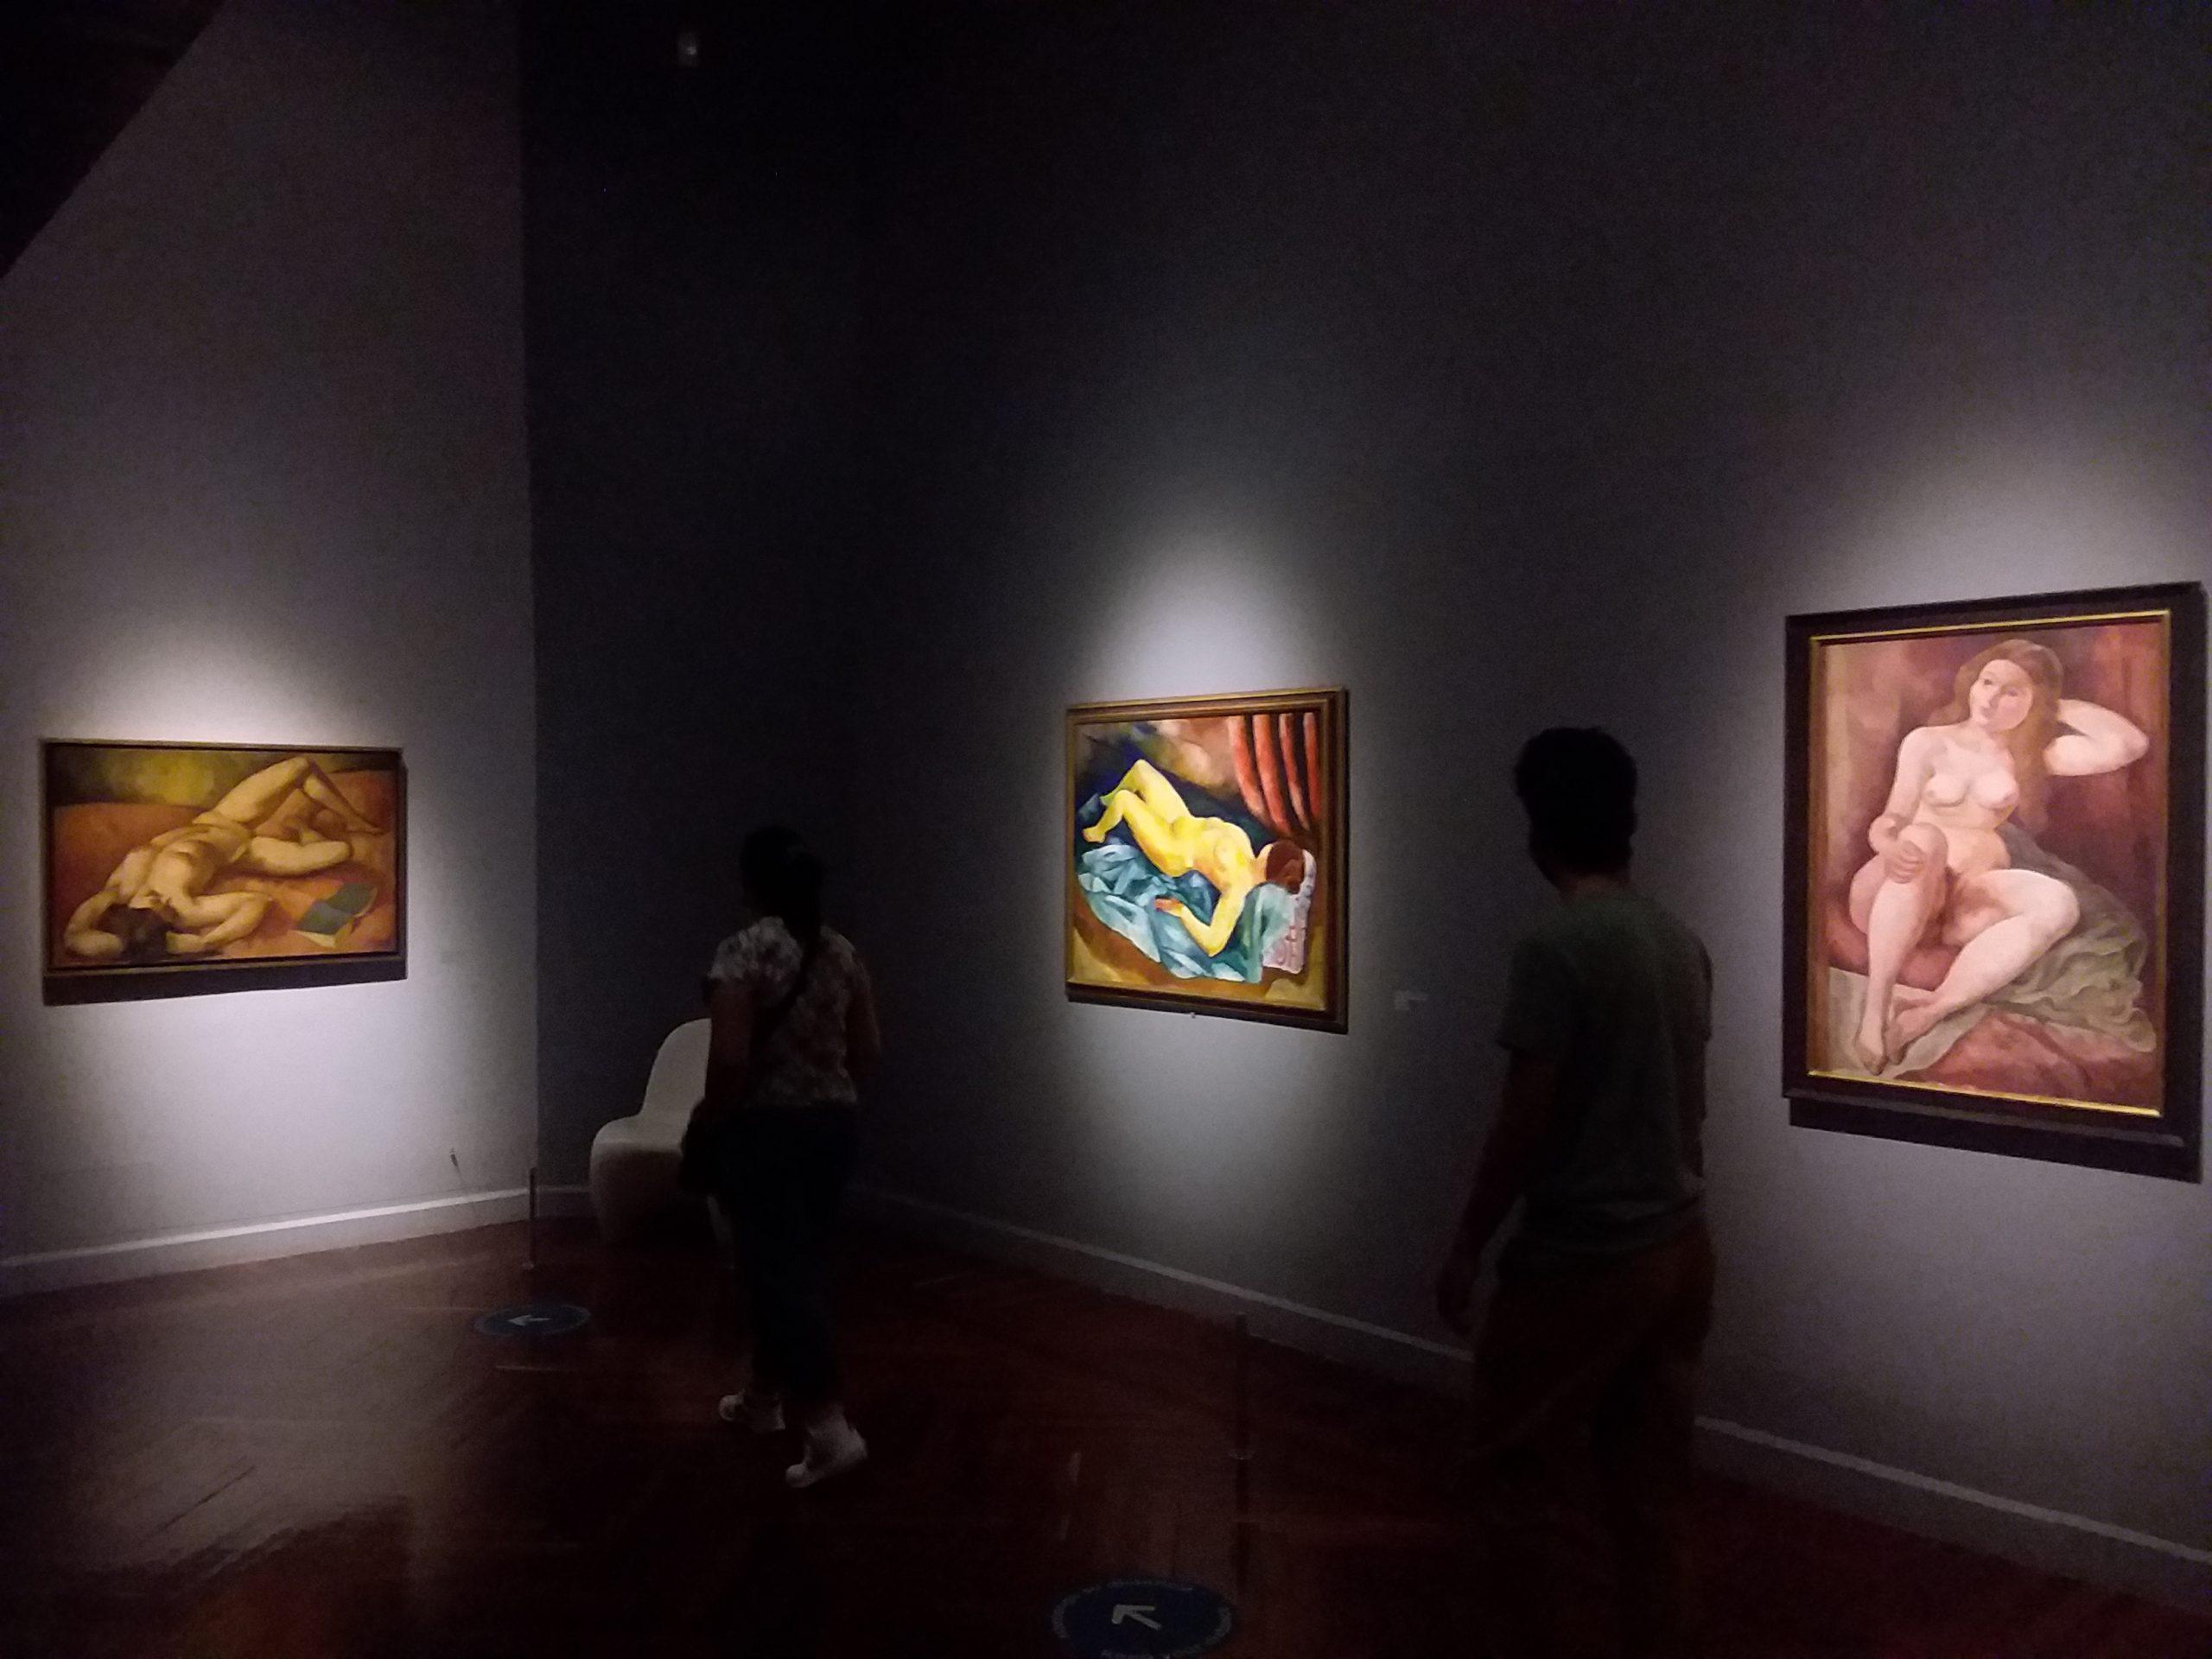 Musée palais beaux arts mexico